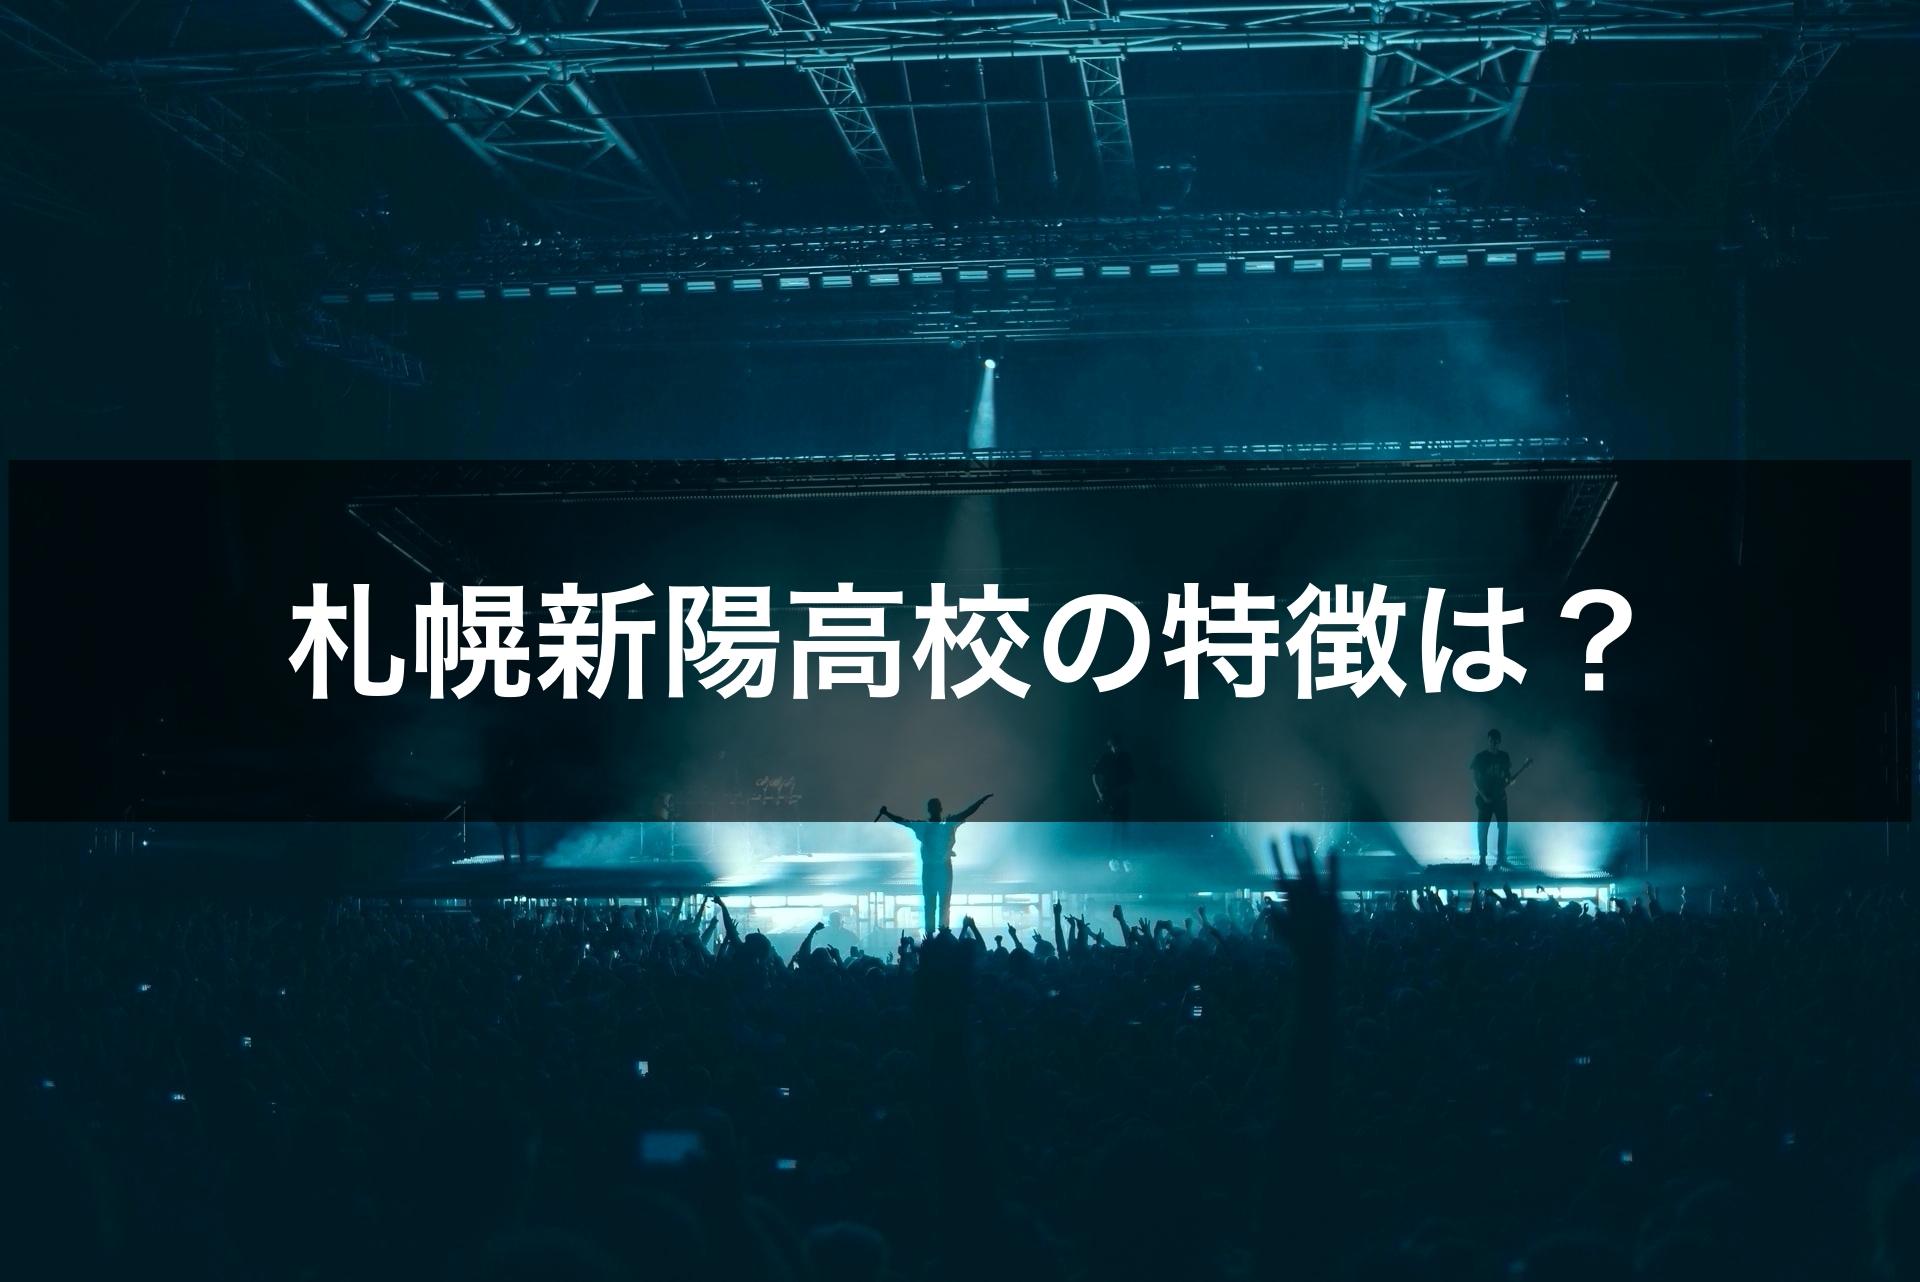 札幌新陽高校の特徴は?